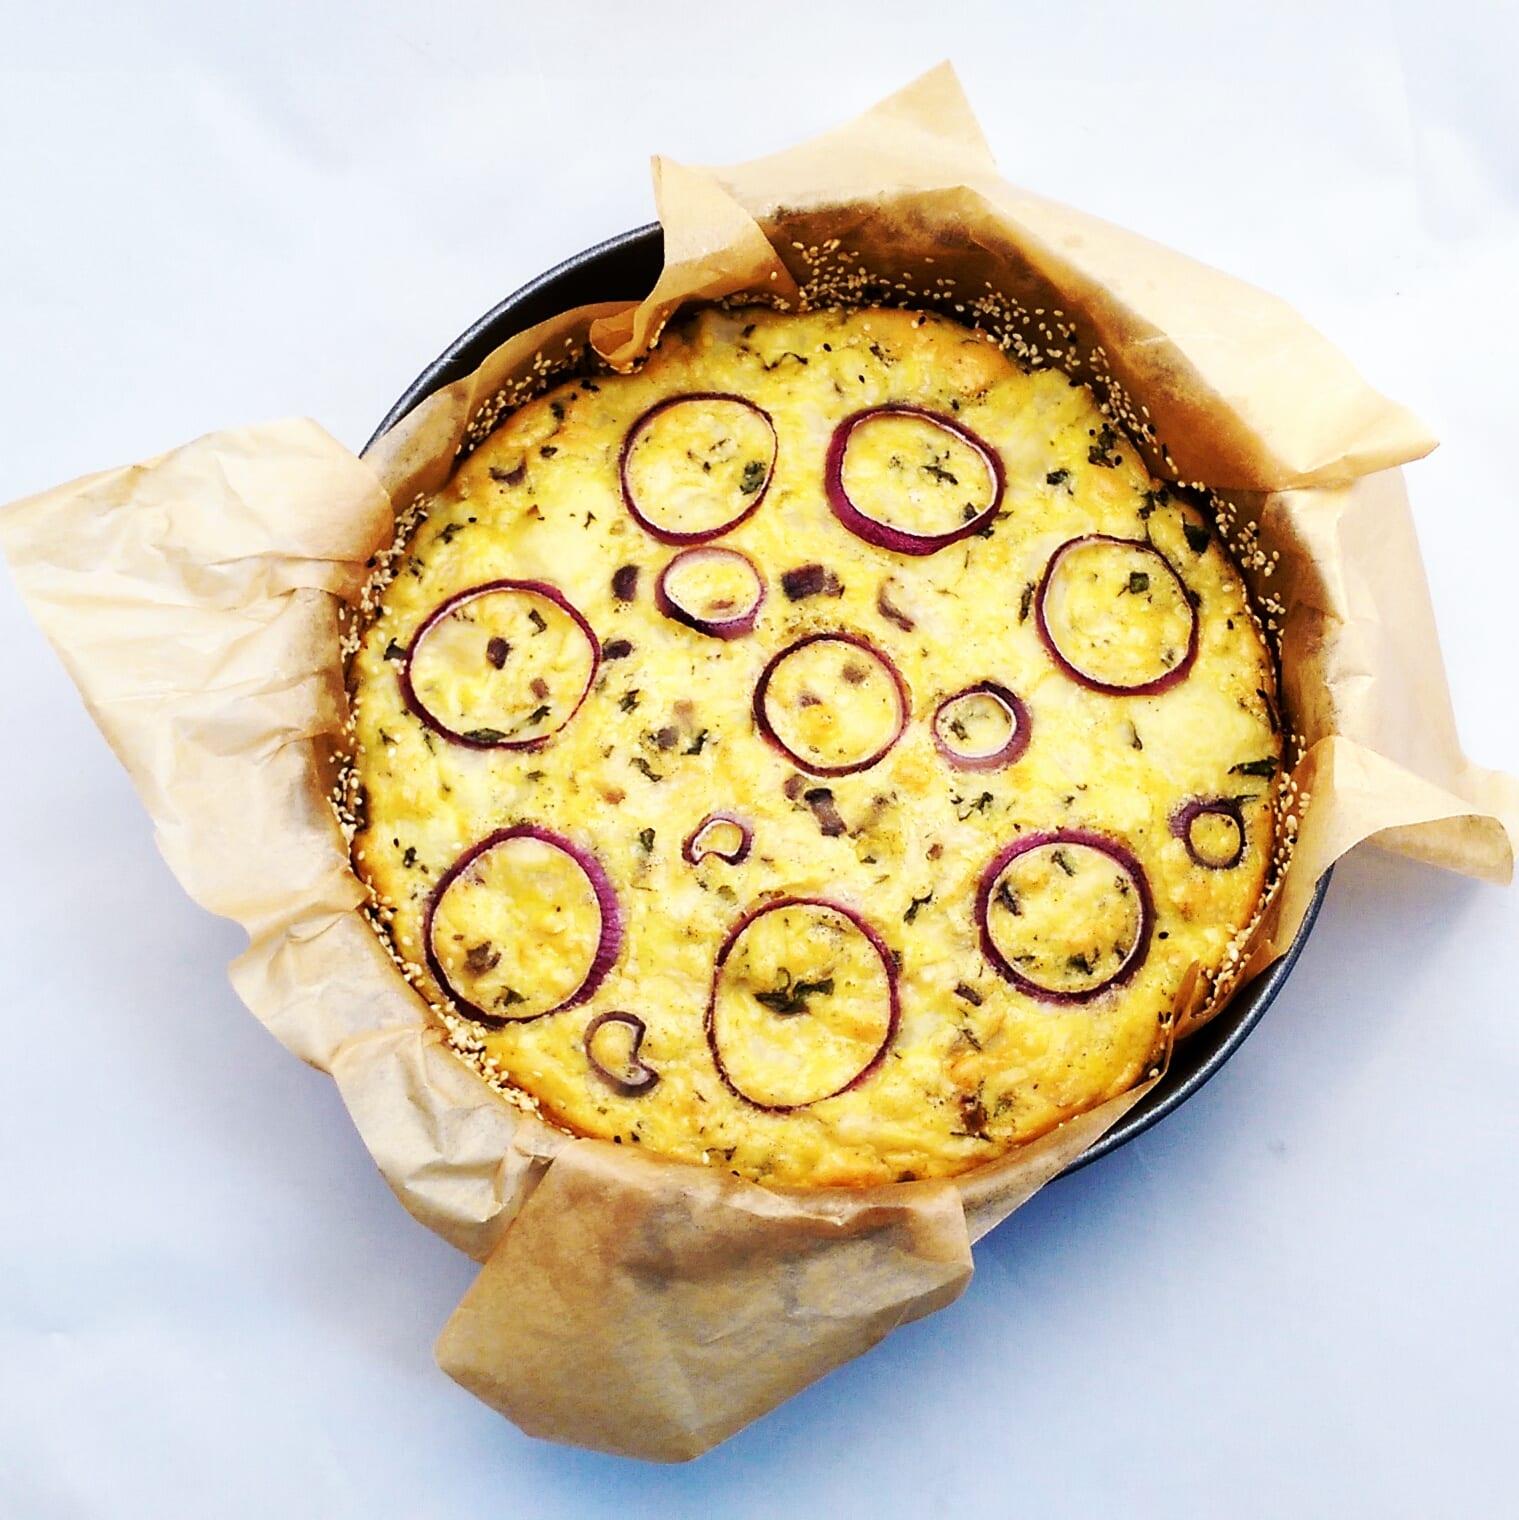 Cauli cake